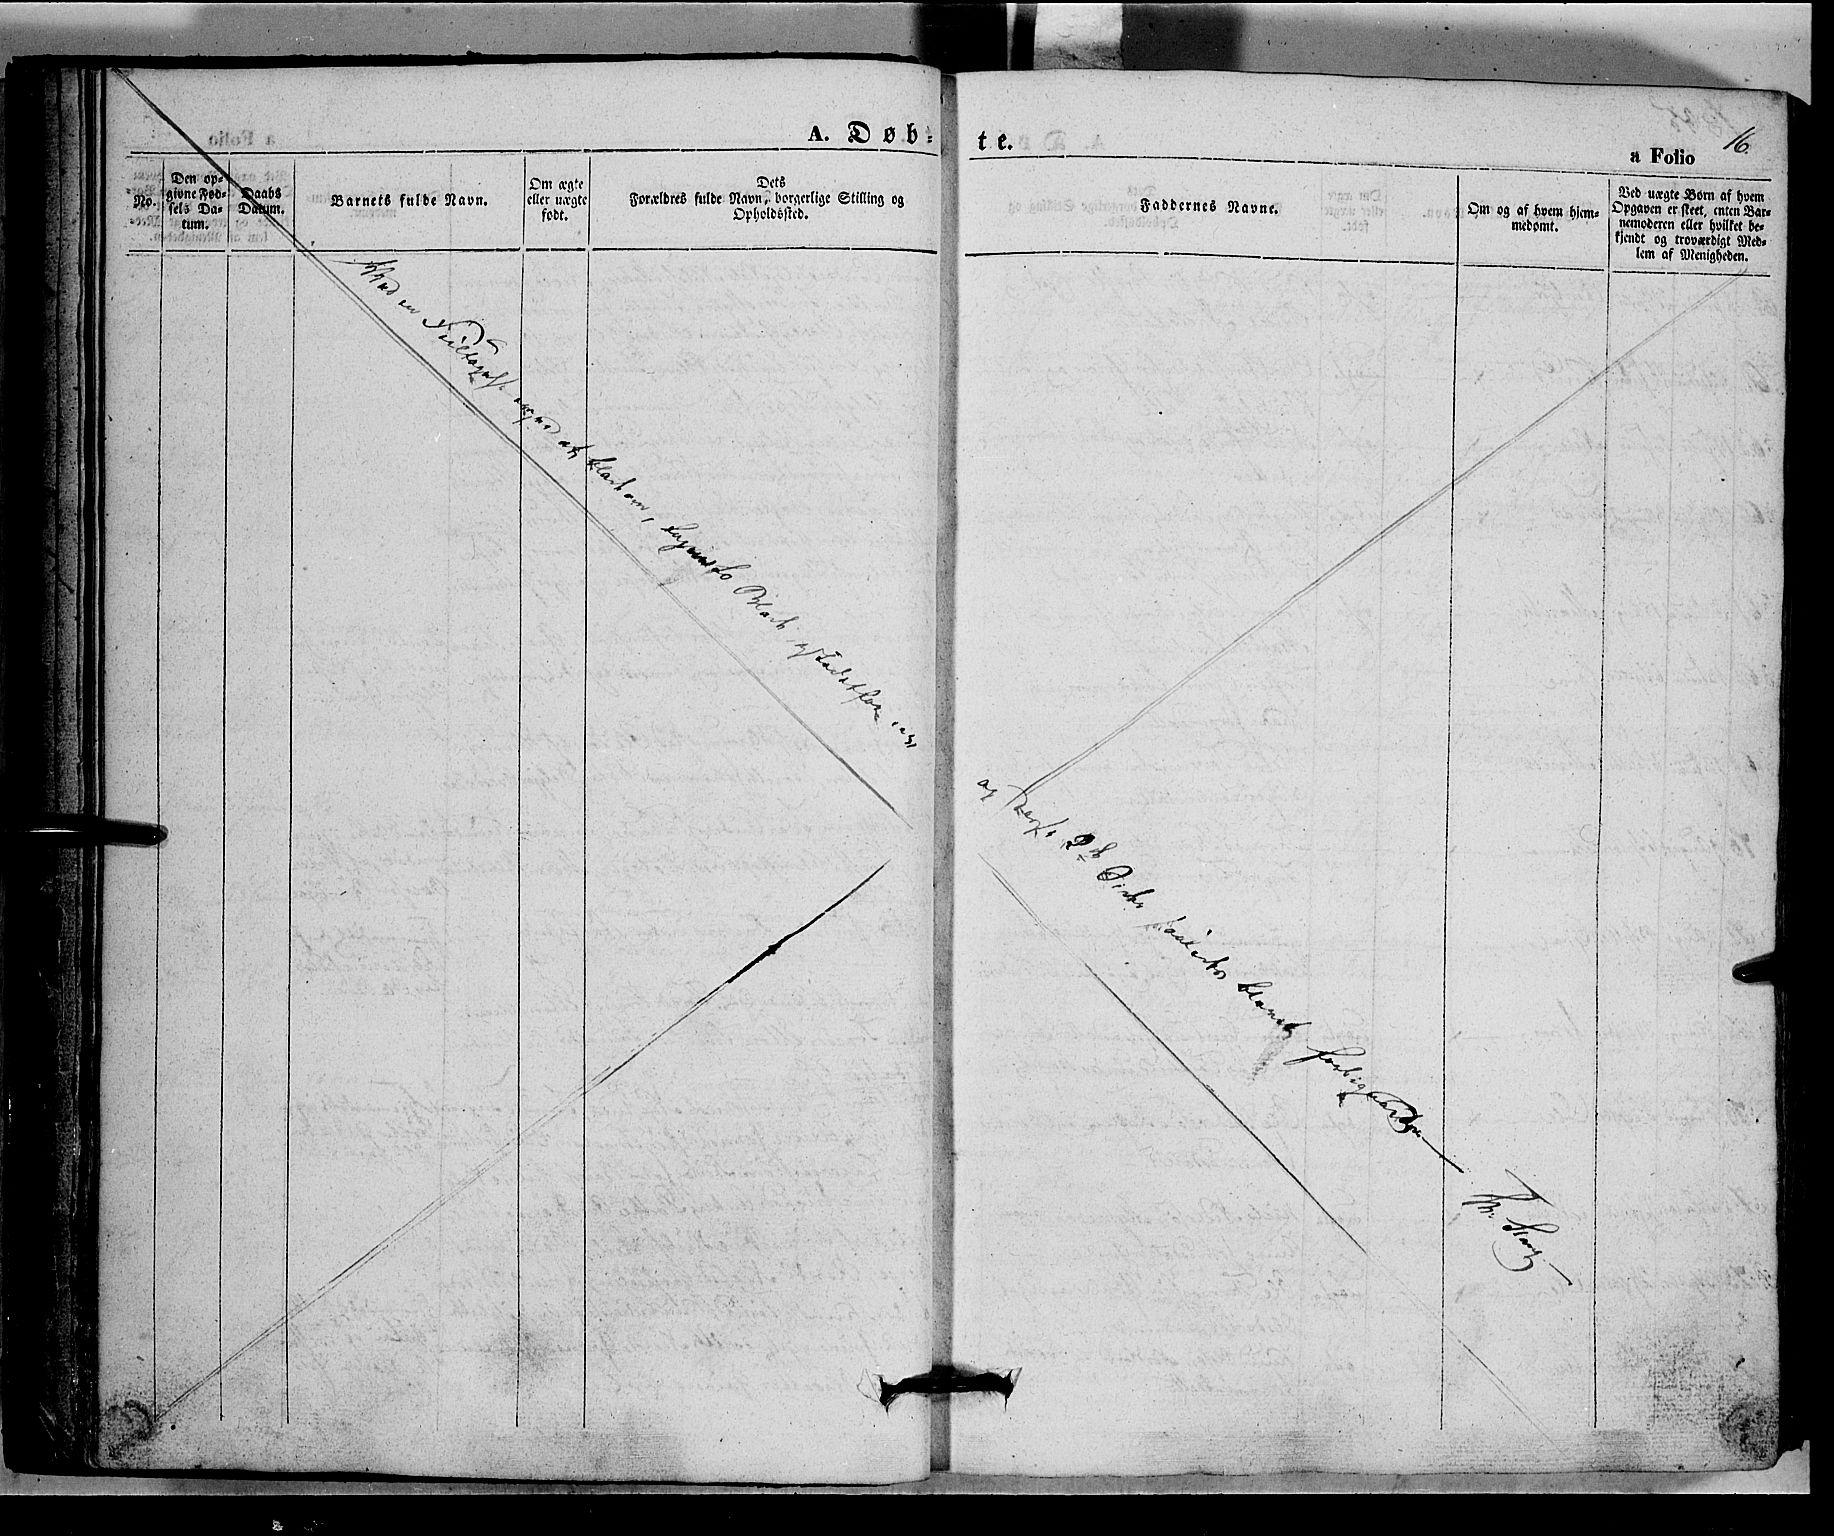 SAH, Vang prestekontor, Valdres, Ministerialbok nr. 5, 1831-1845, s. 16